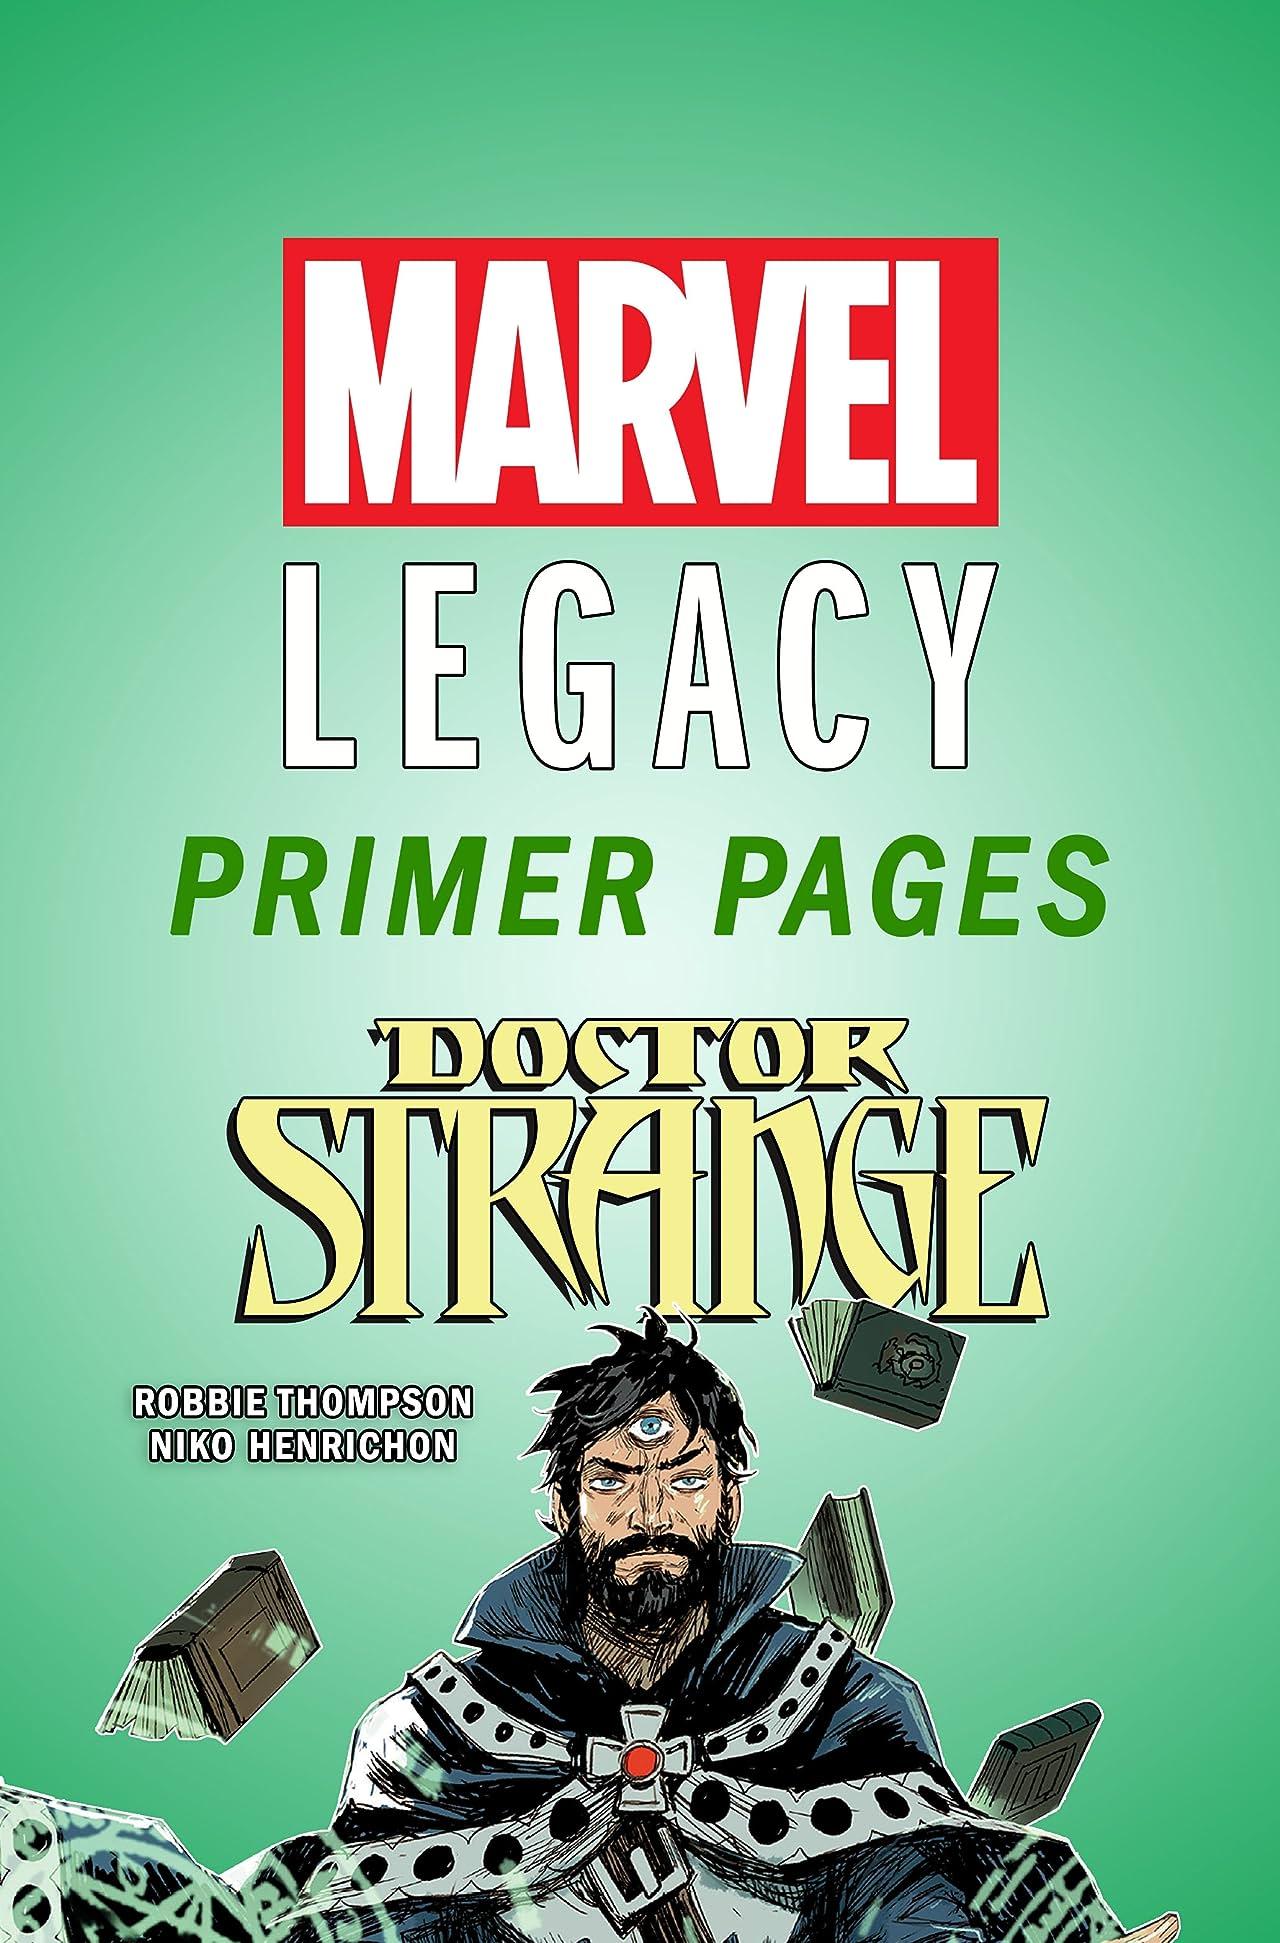 Doctor Strange - Marvel Legacy Primer Pages